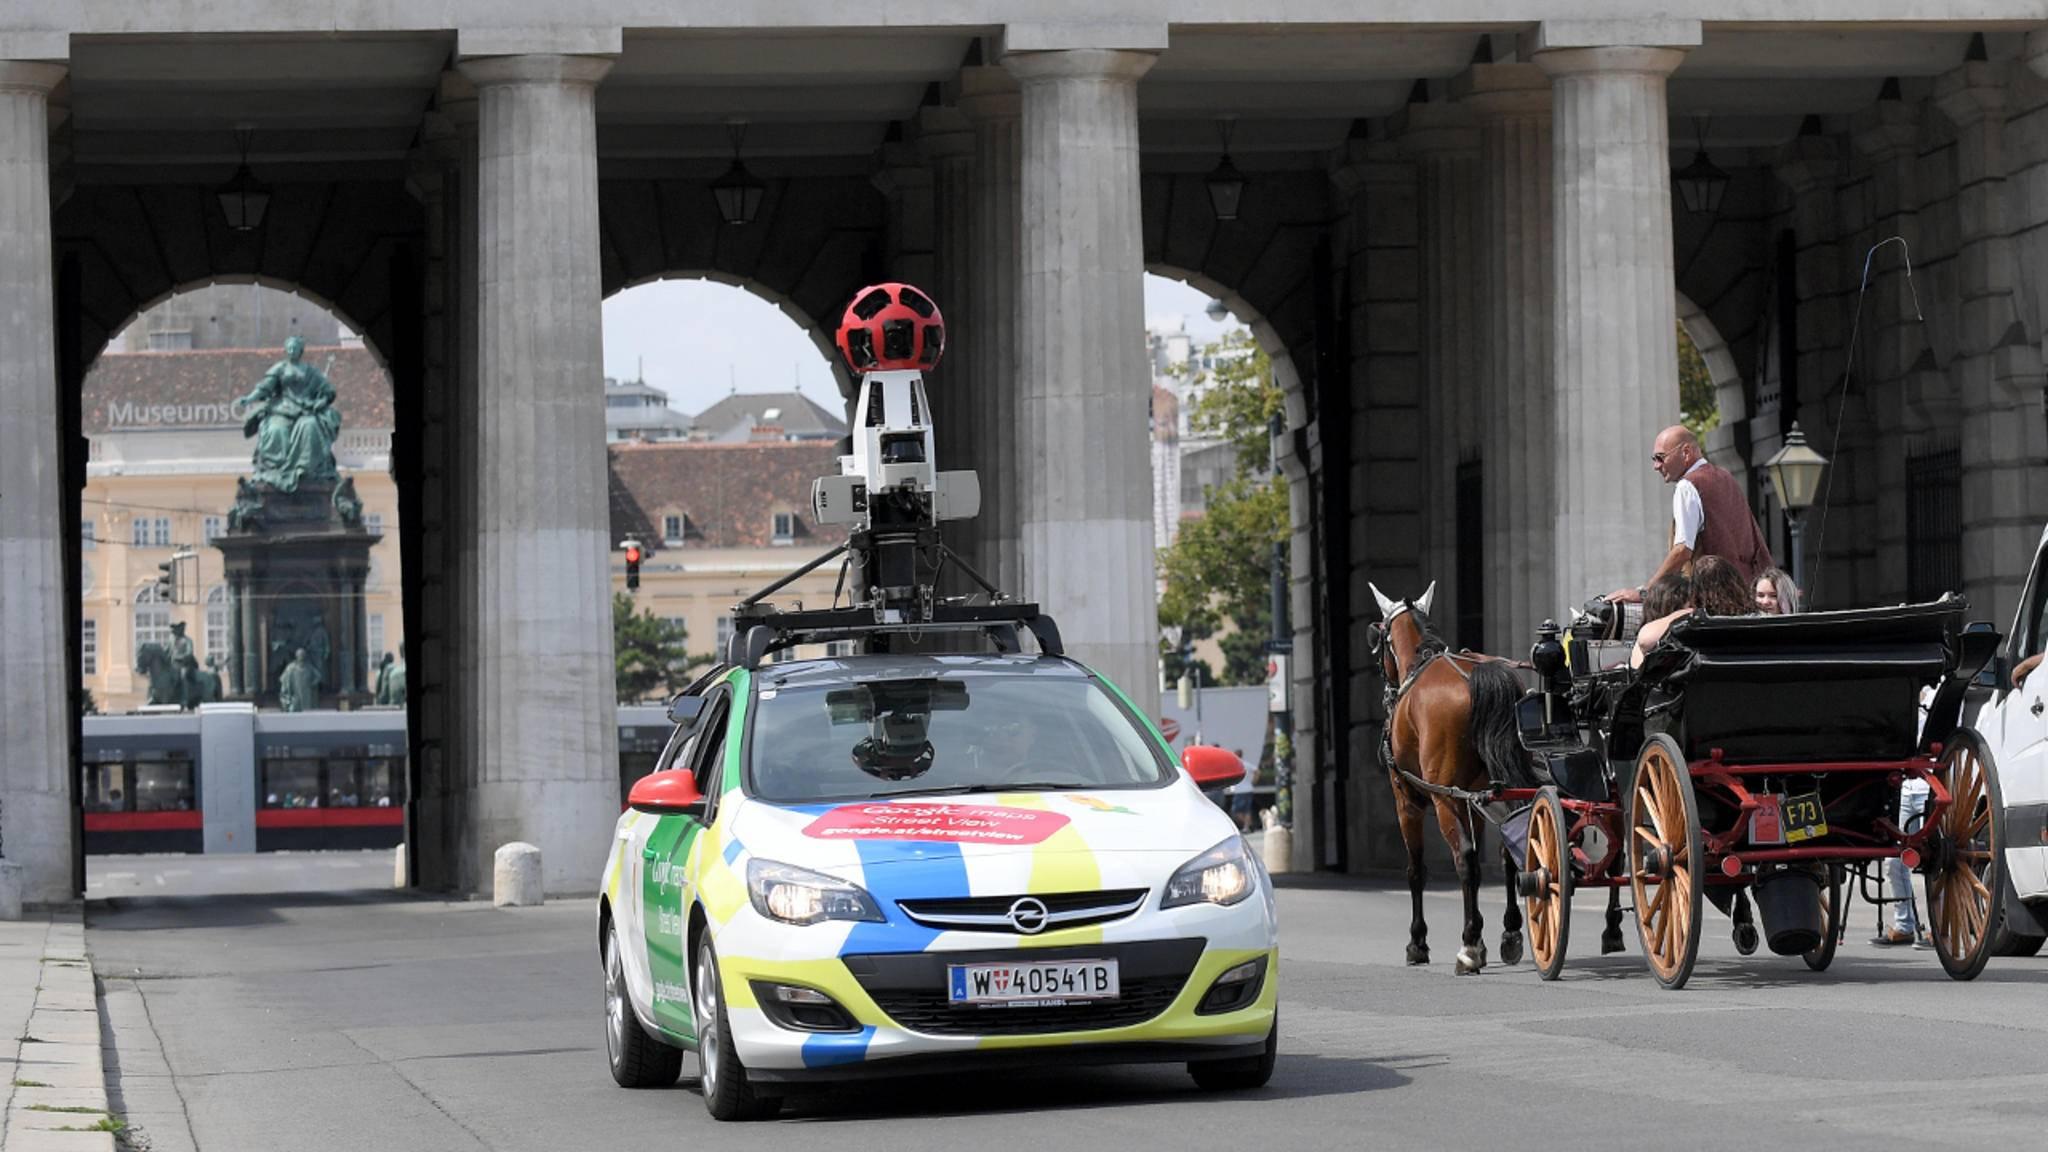 Googles Street-View-Fahrzeuge sind wieder in Deutschland unterwegs, um veraltete Informationen zu aktualisieren.